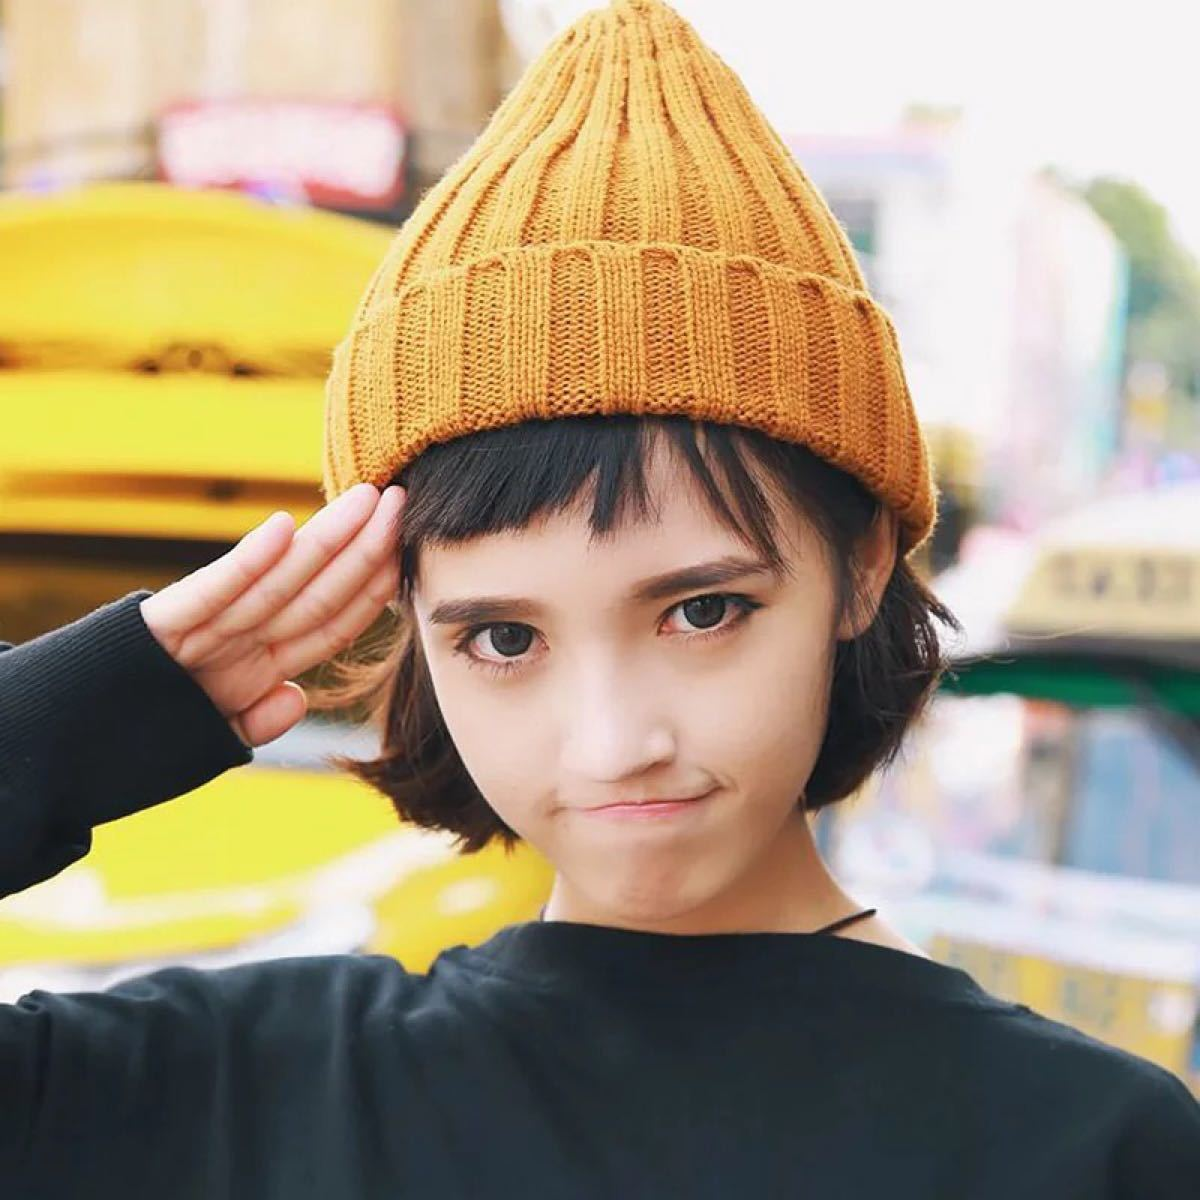 ニット帽 ニットキャップ ビーニー 黒 ブラック 韓国